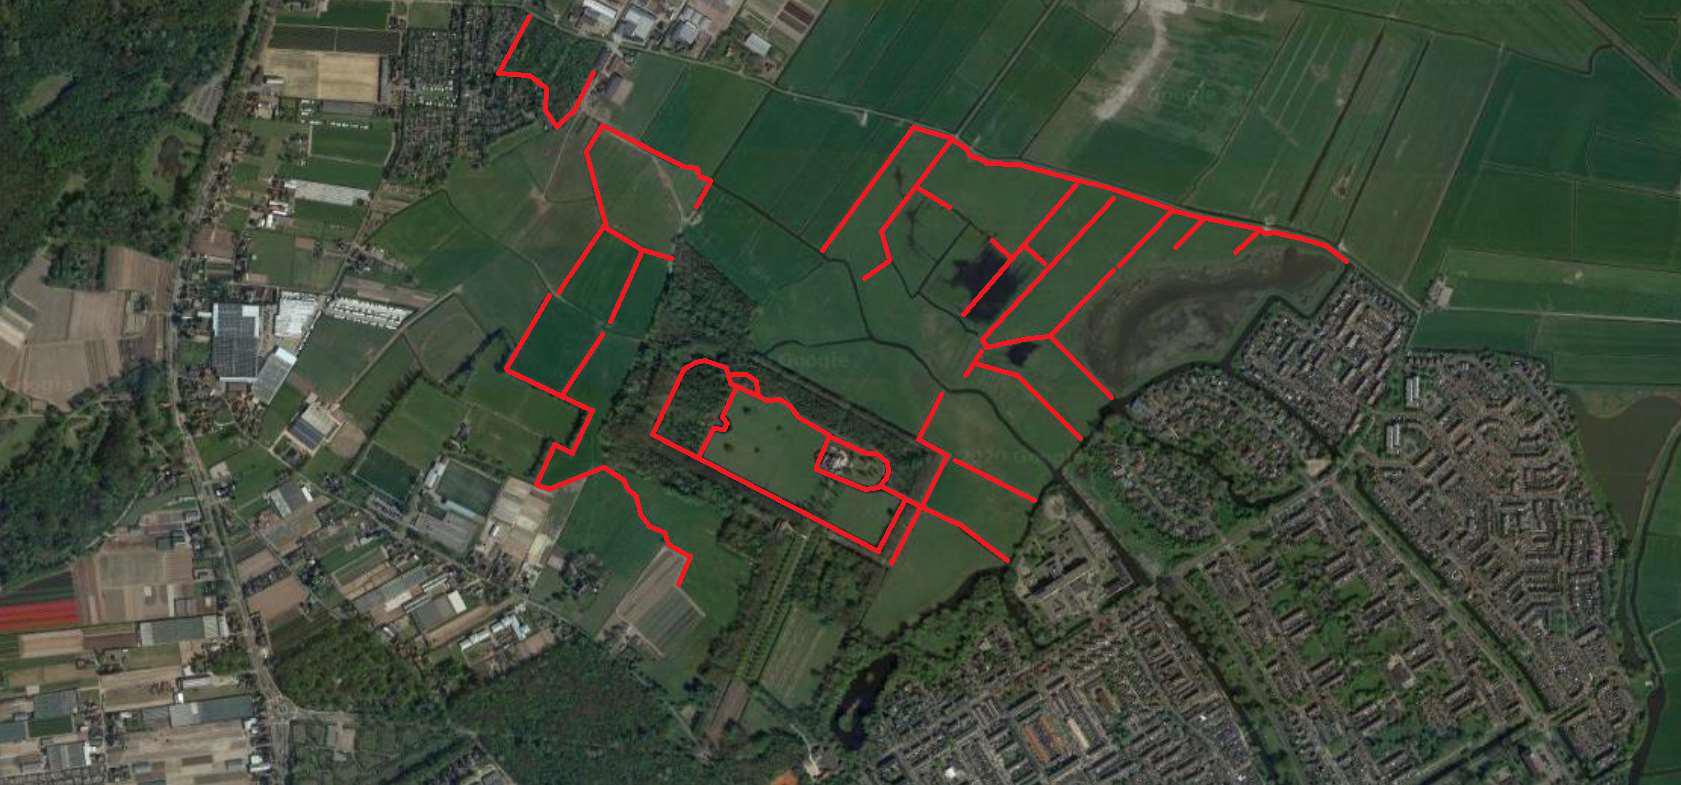 Kaart landgoed marquette watergangen baggeren 2021